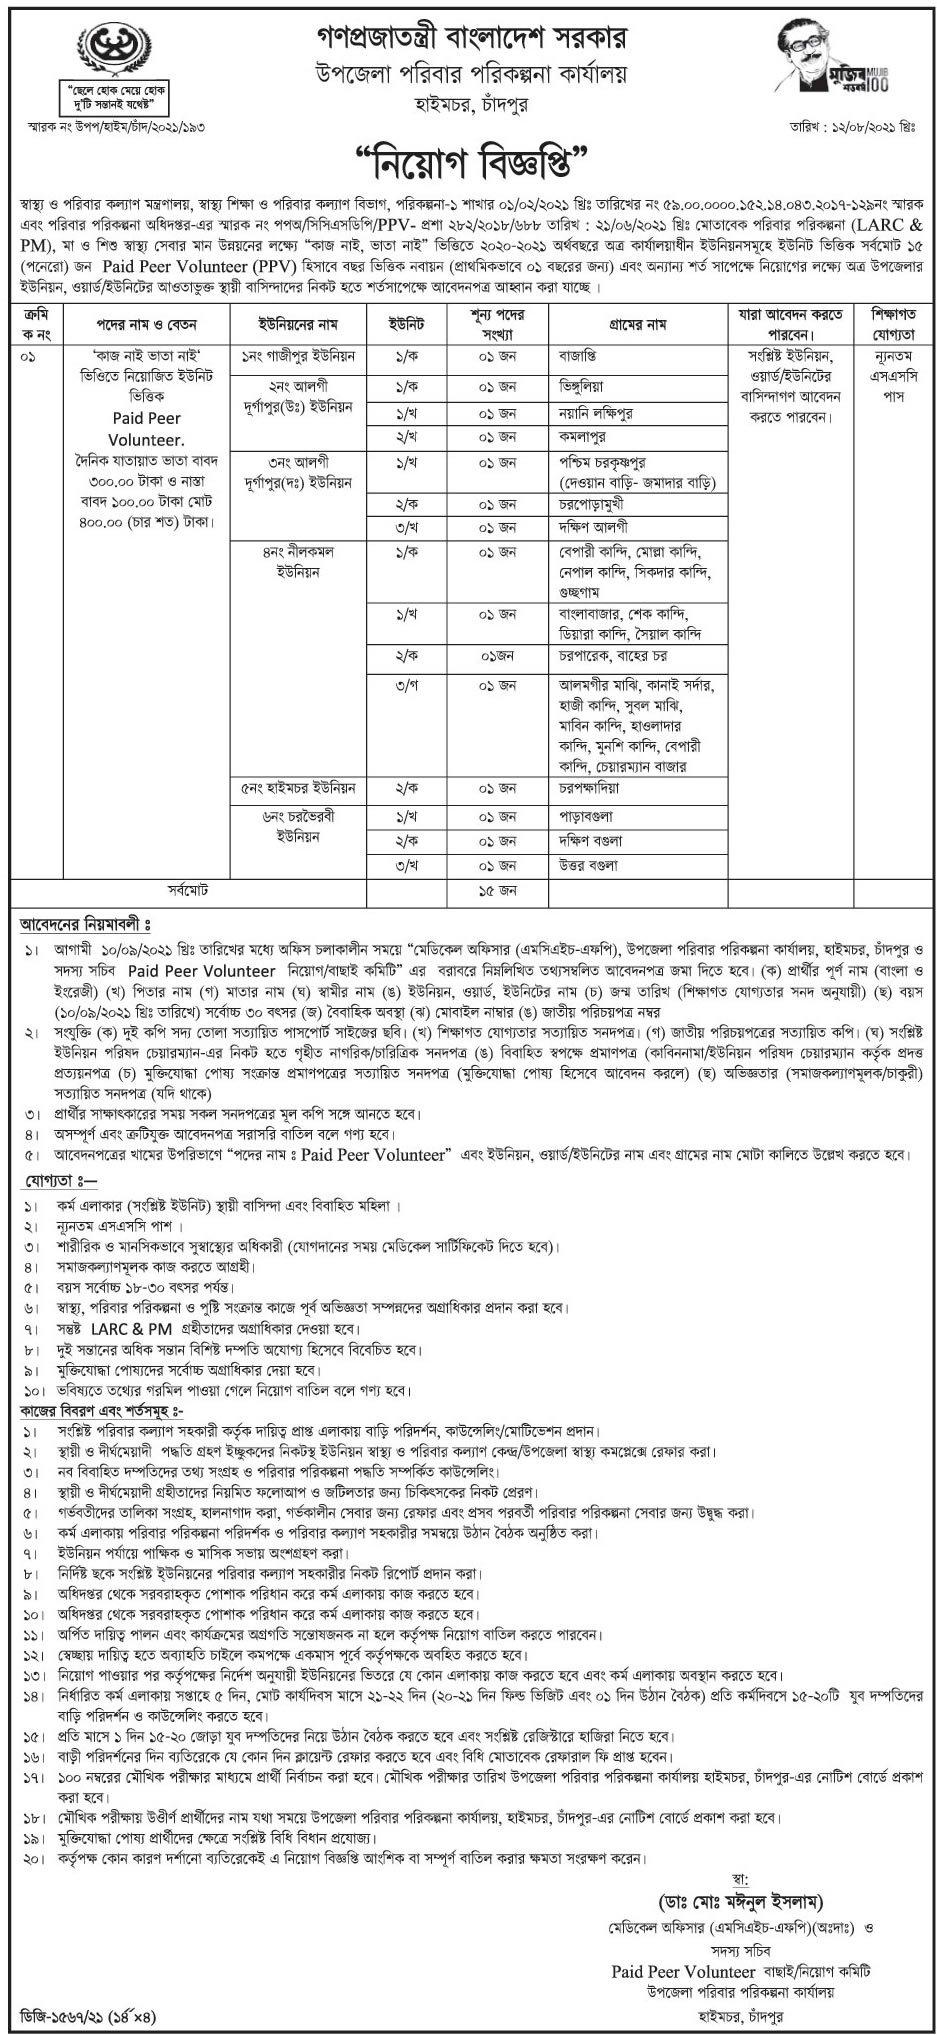 চাদপুর জেলা পরিবার পরিকল্পনা নিয়োগ বিজ্ঞপ্তি ২০২১ - Chadpur District Family Planning Job Circular 2021 - Family Planning Recruitment Circular 2021